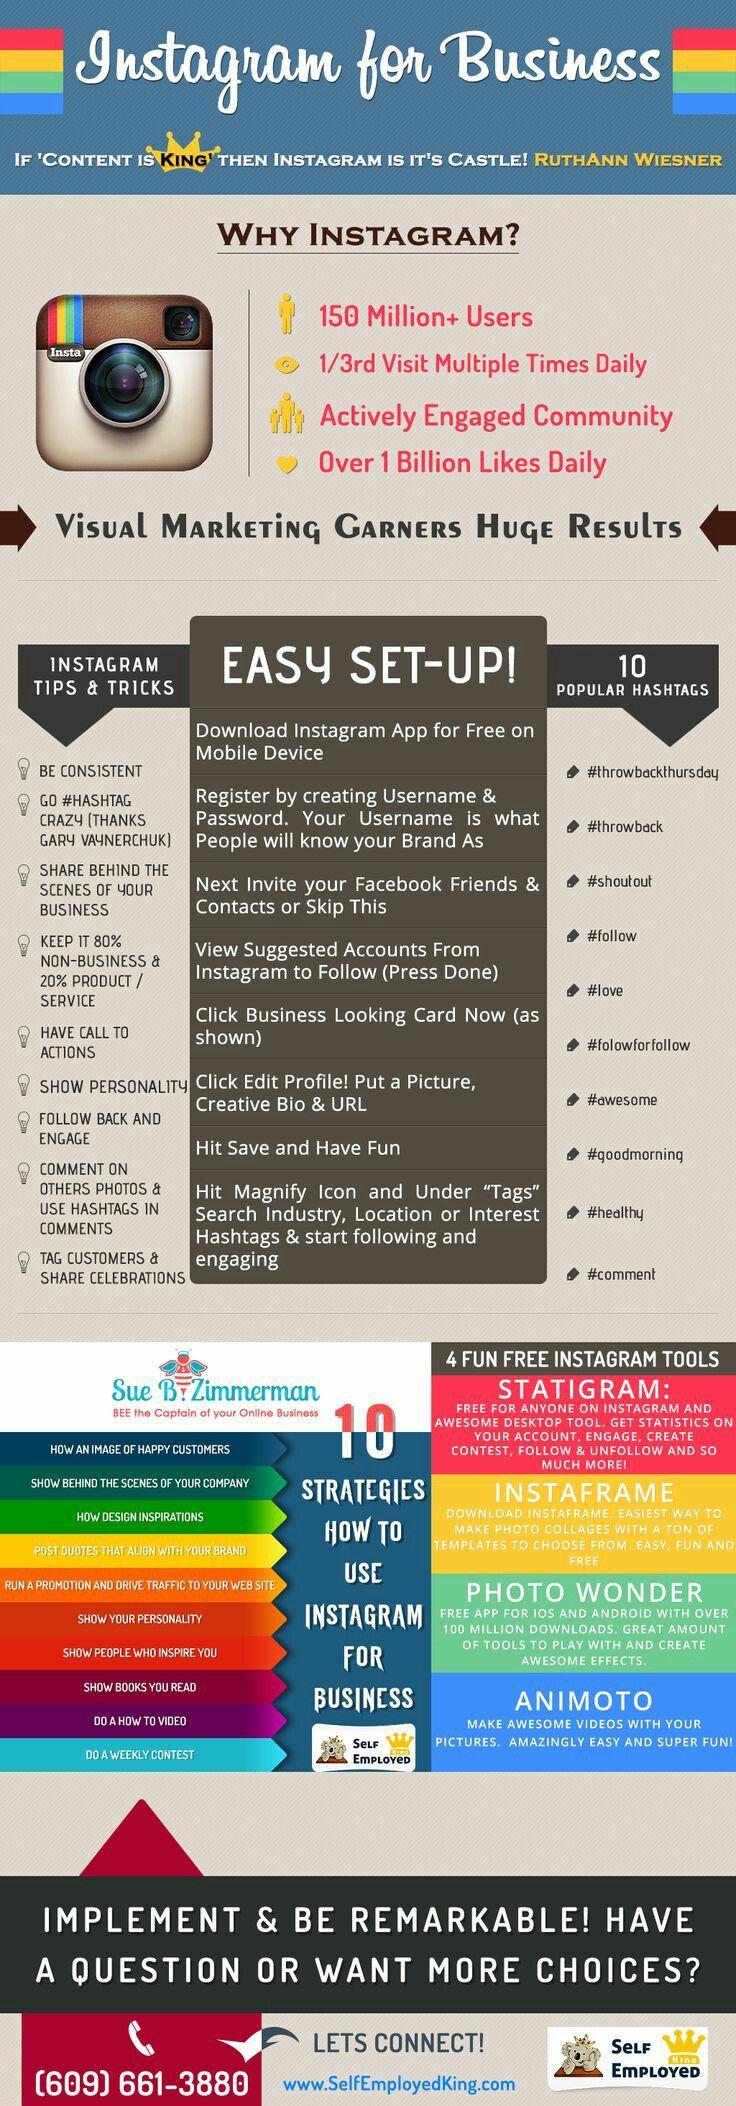 instagram for business #instagram #Infografica #infographic, statistiche e spunti di riflessione. #diellegrafica